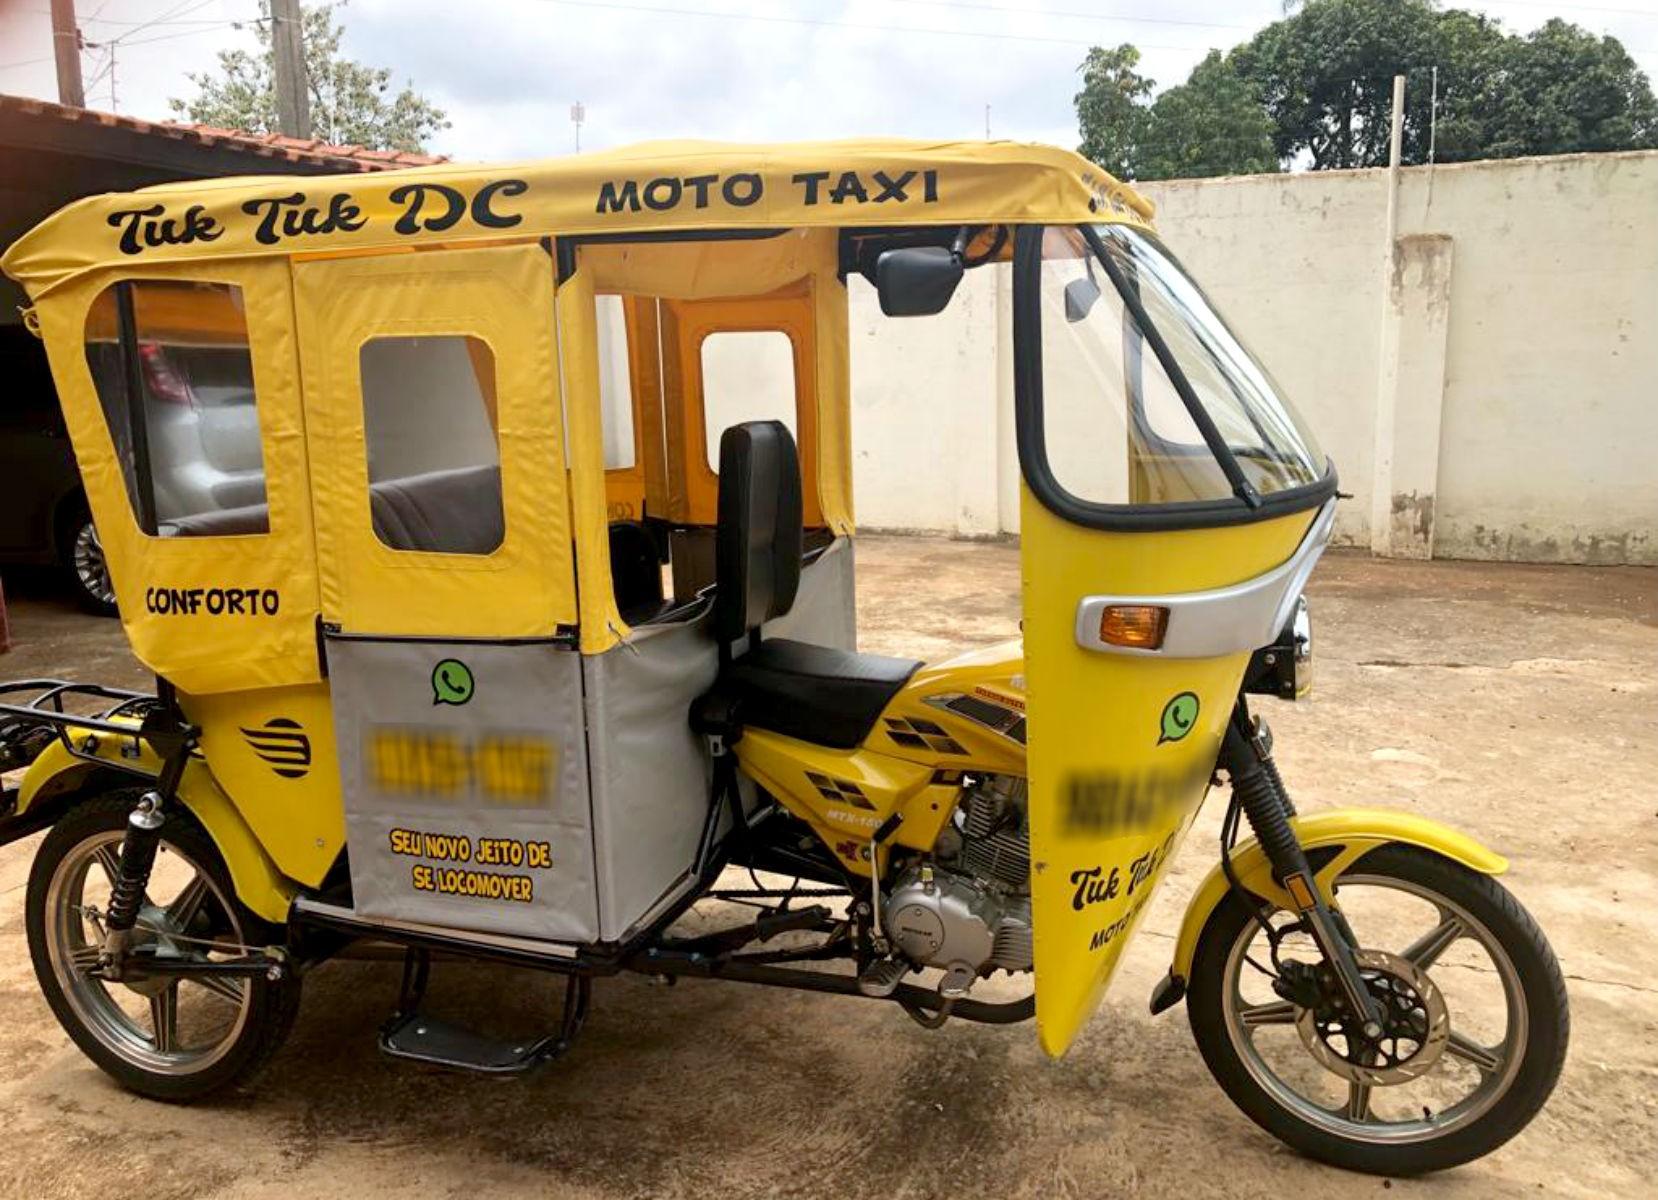 Mototáxi no estilo 'tuk tuk' chama atenção nas ruas de cidade do interior de SP  - Notícias - Plantão Diário